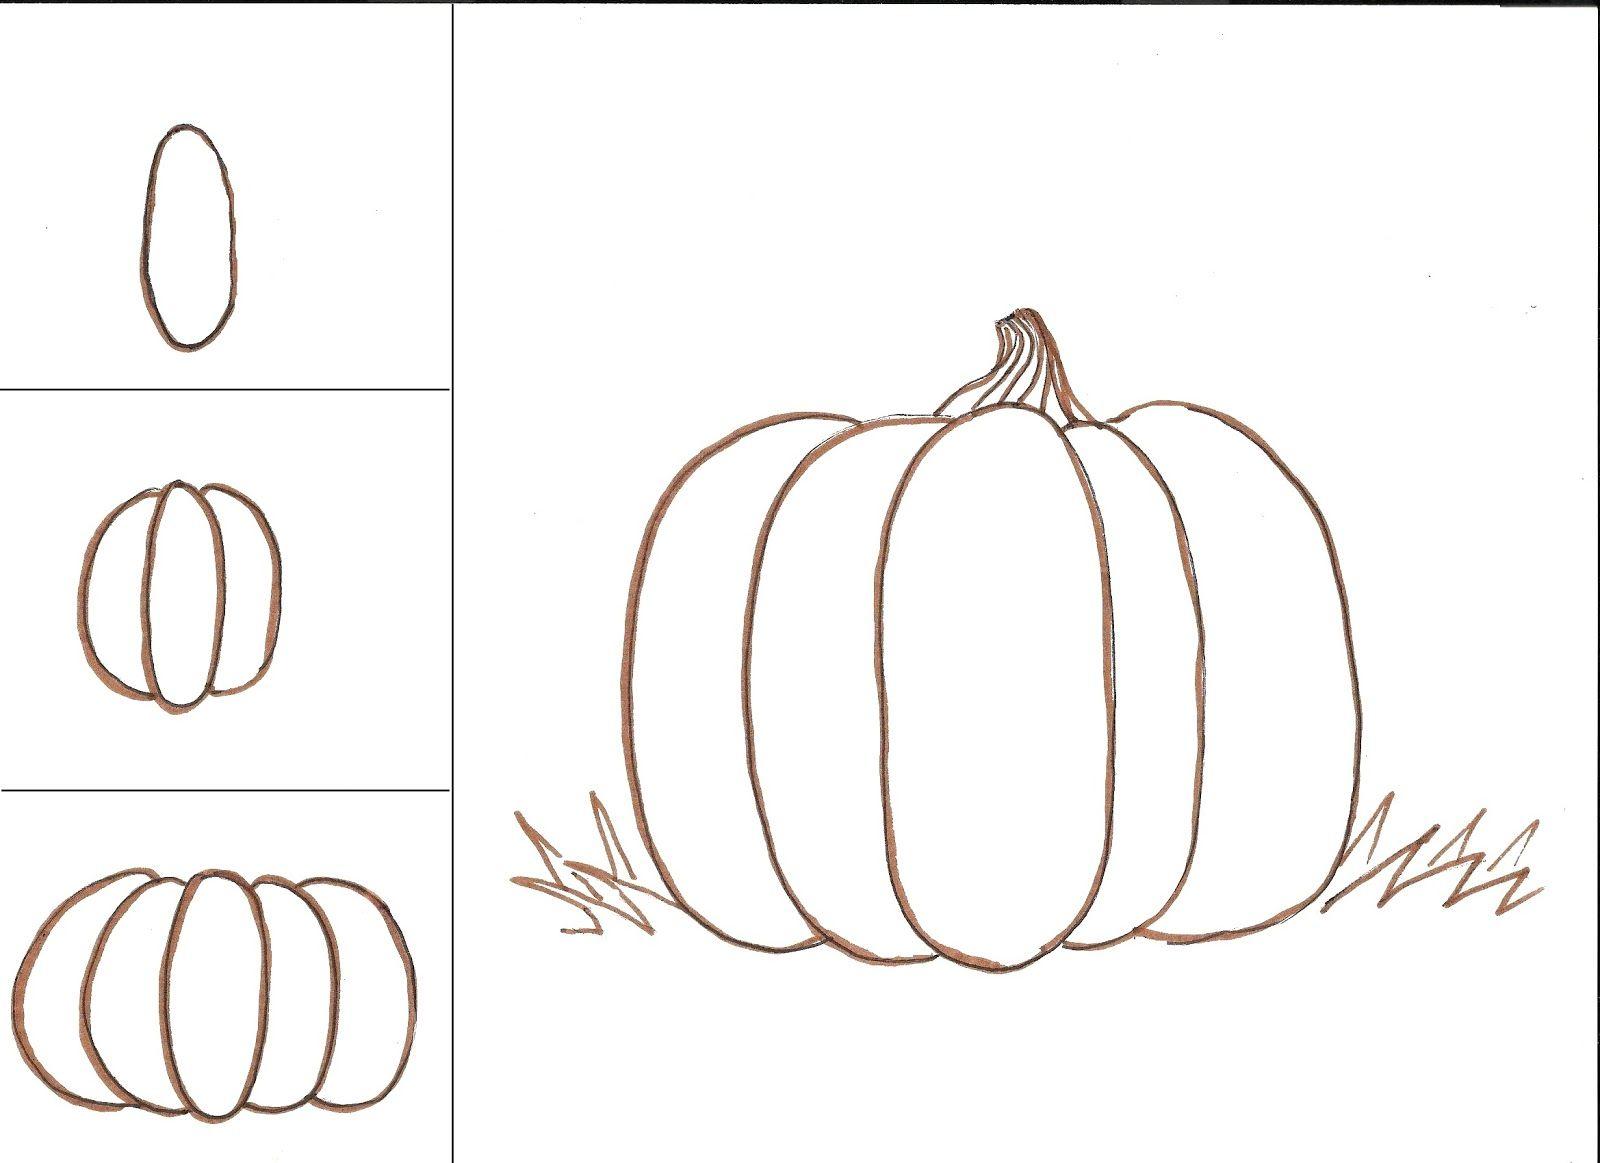 Comment dessiner une citrouille tutoriel étape par étape, idée dessin pour débutant